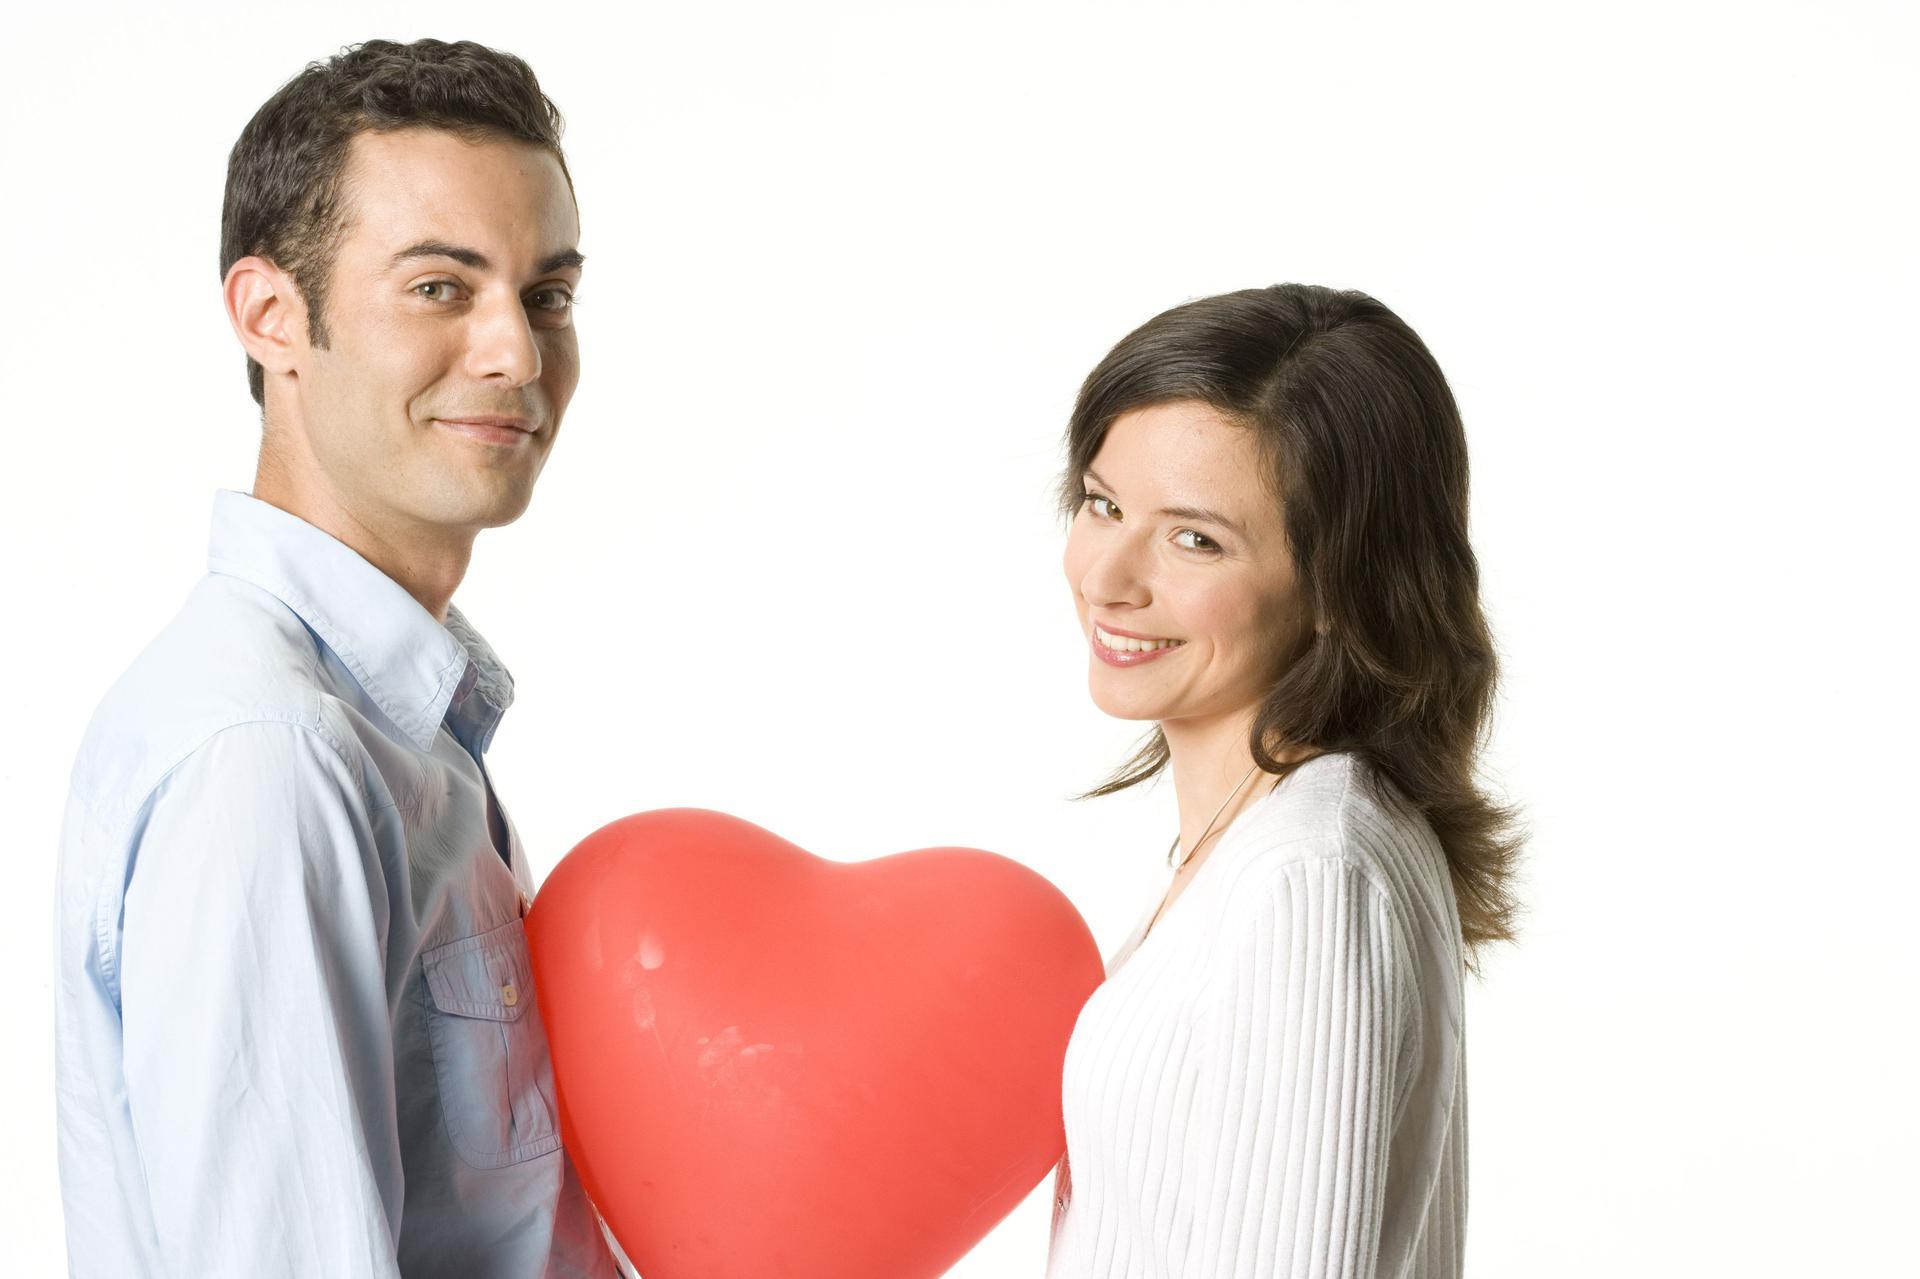 Porady randkowe dla relacji na odległość